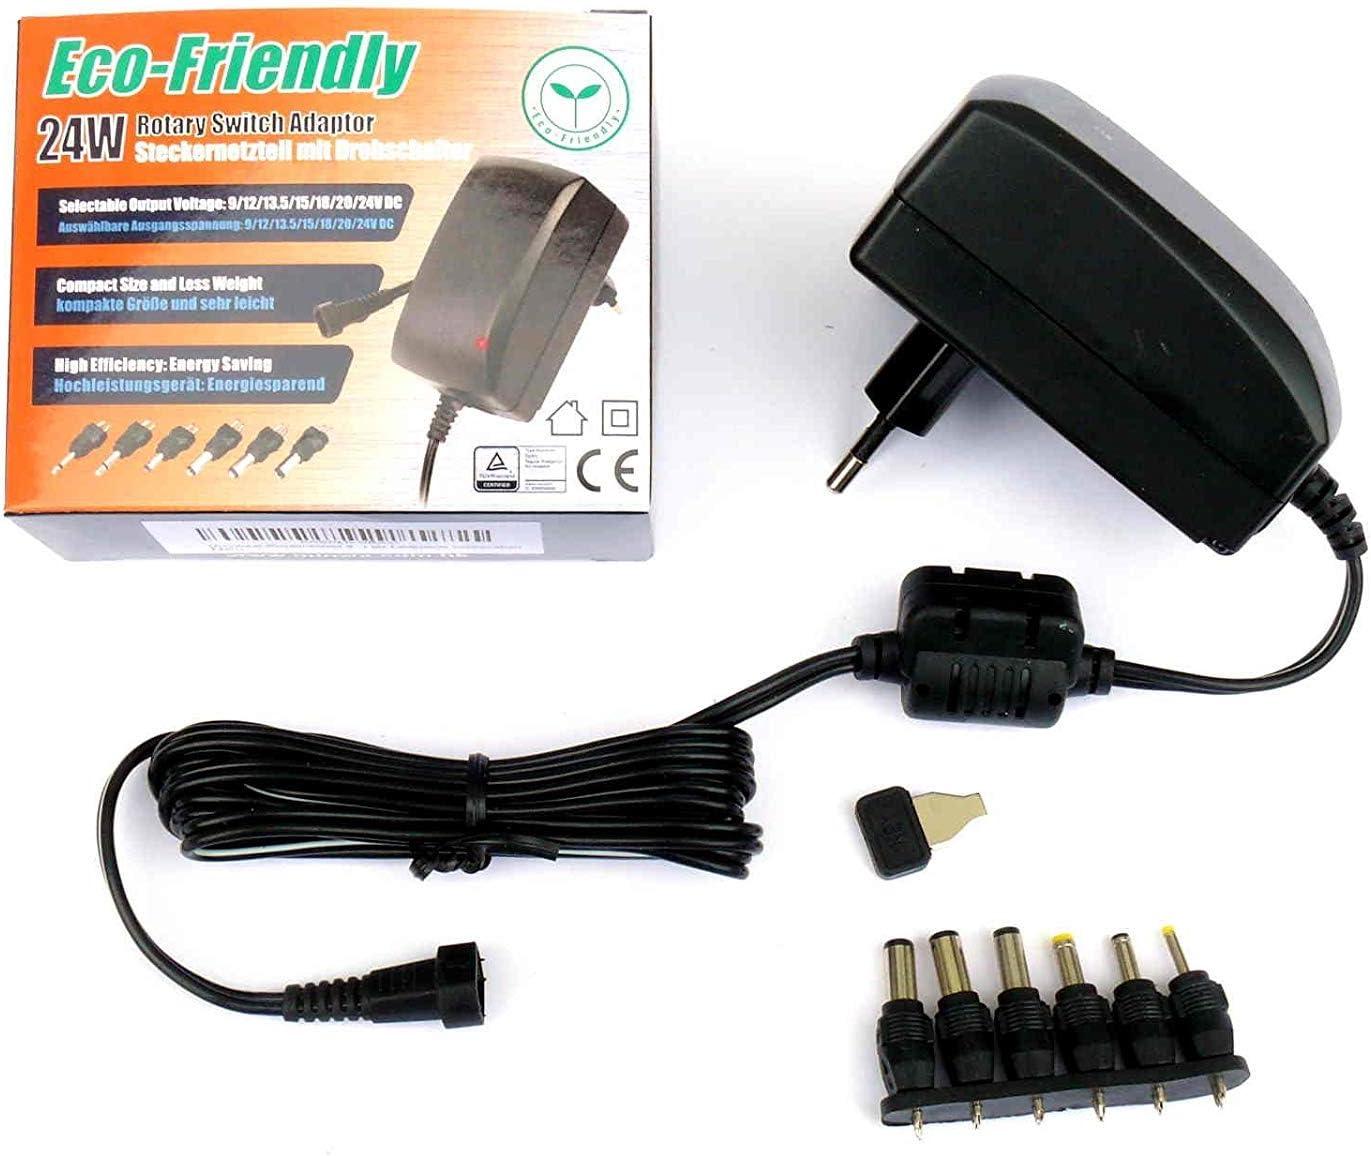 Fuente de alimentación conmutada universal, 9 V, 12 V, 13,5 V, 15 V, 18 V, 20 V, 24 V CC, 1500 mA (máx.) EuP, enchufe MW 3G15GS, no se puede utilizar como cargador